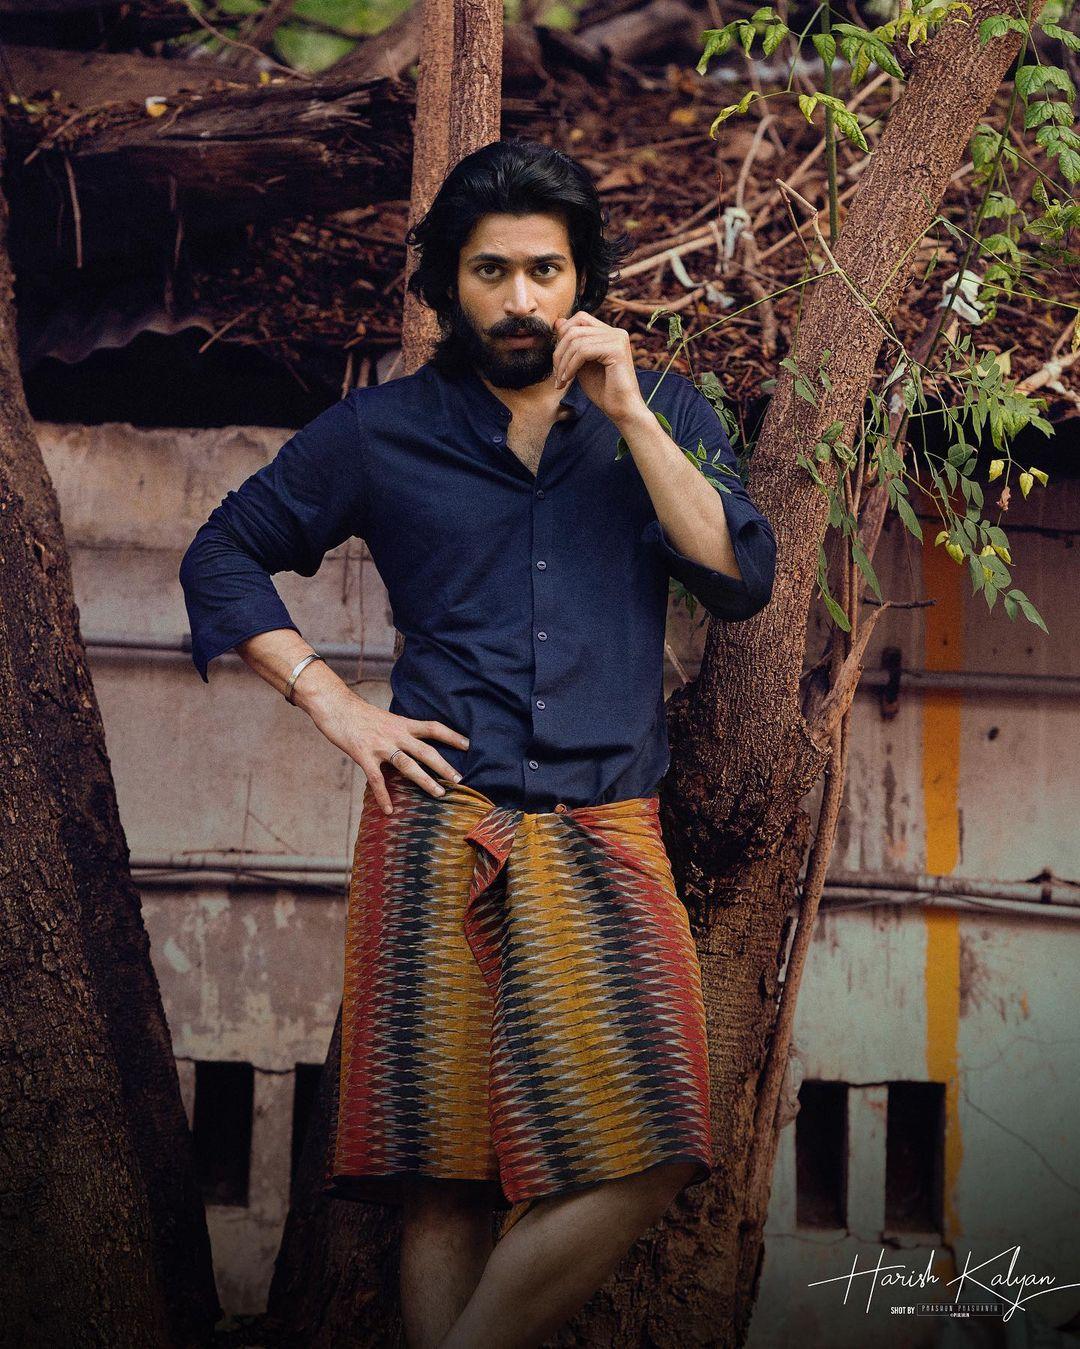 Tamil Actor Harish Kalyan Photos (2)